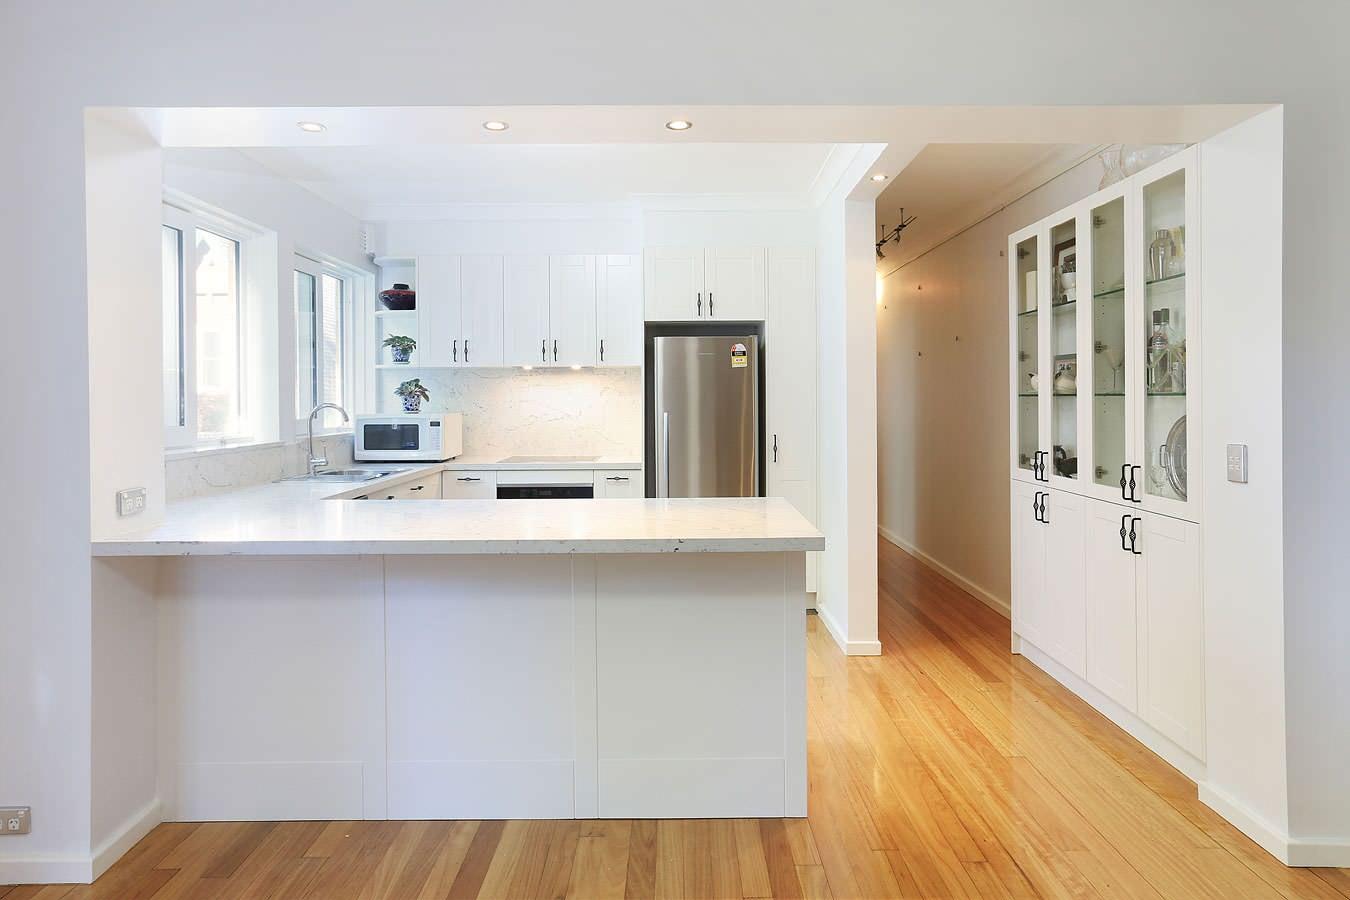 Baulkham Hills Kitchen Renovations